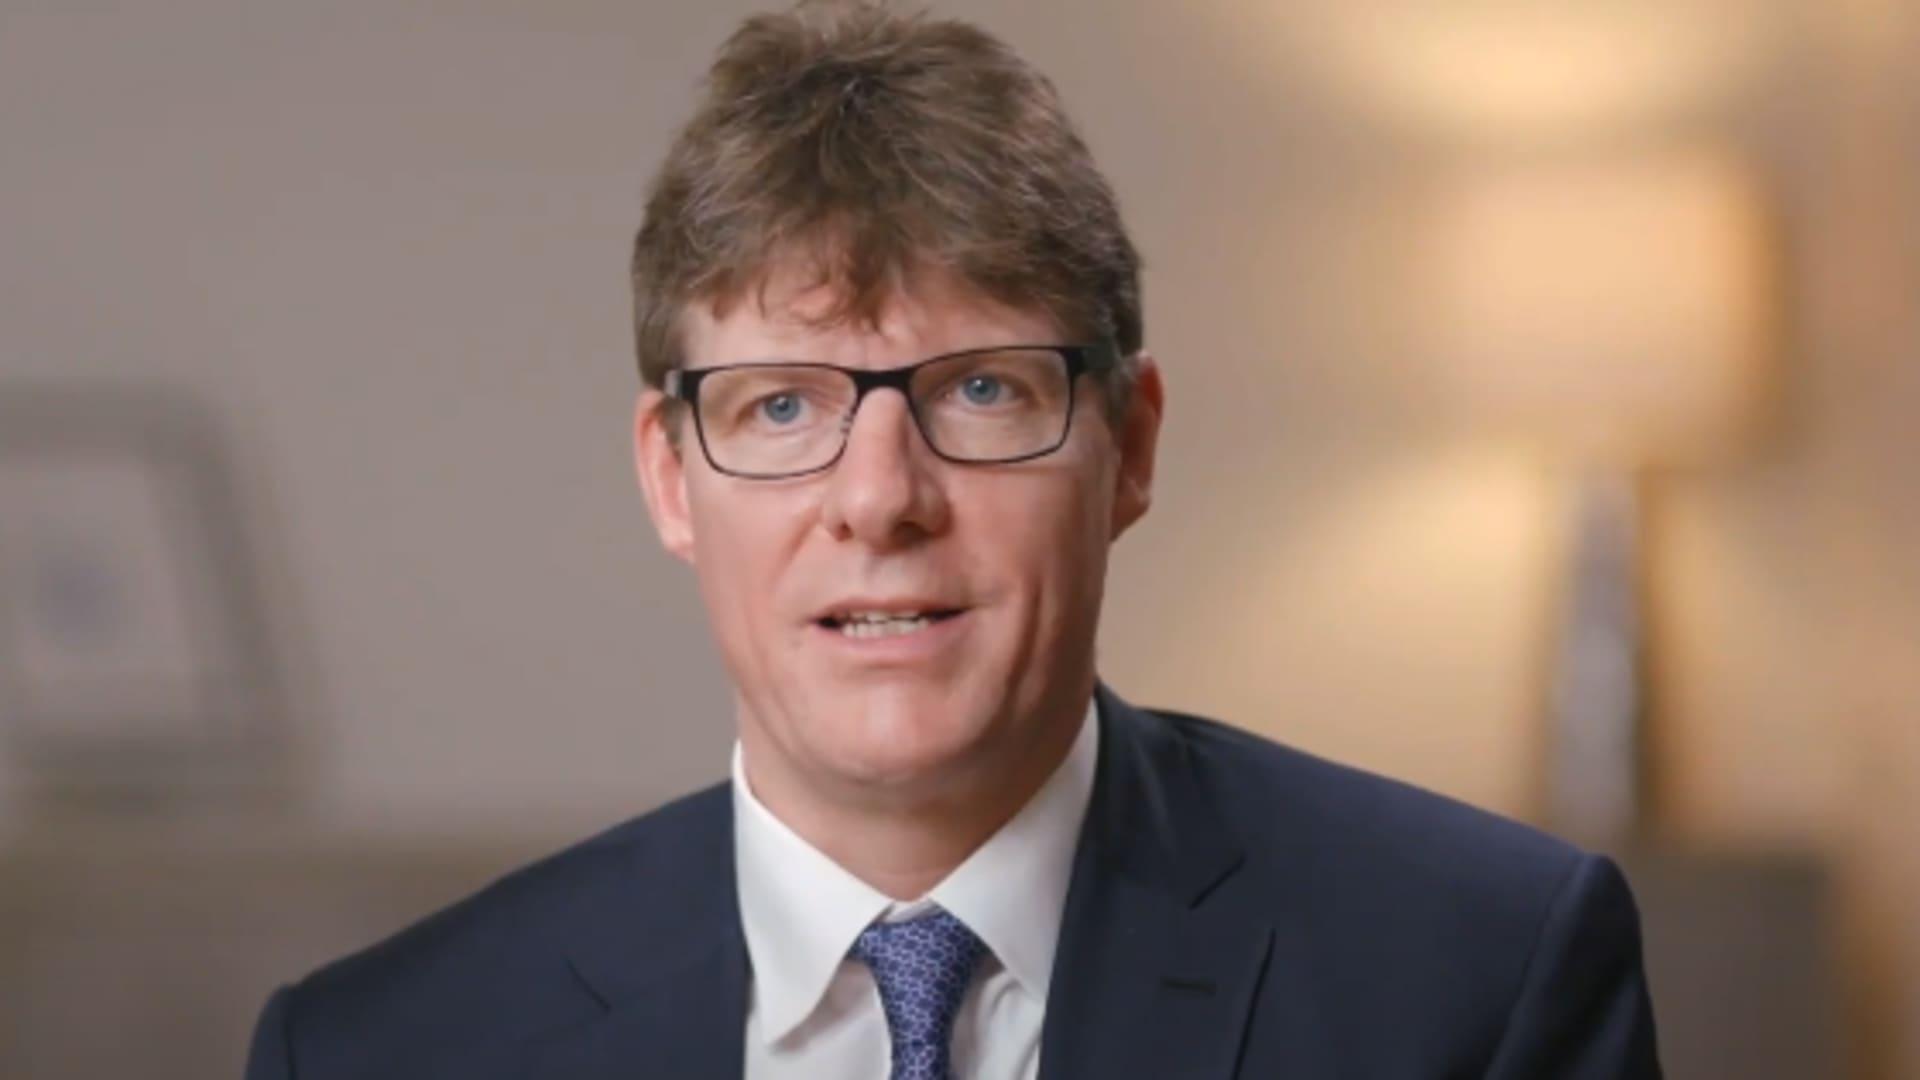 CEO Neil Masterson